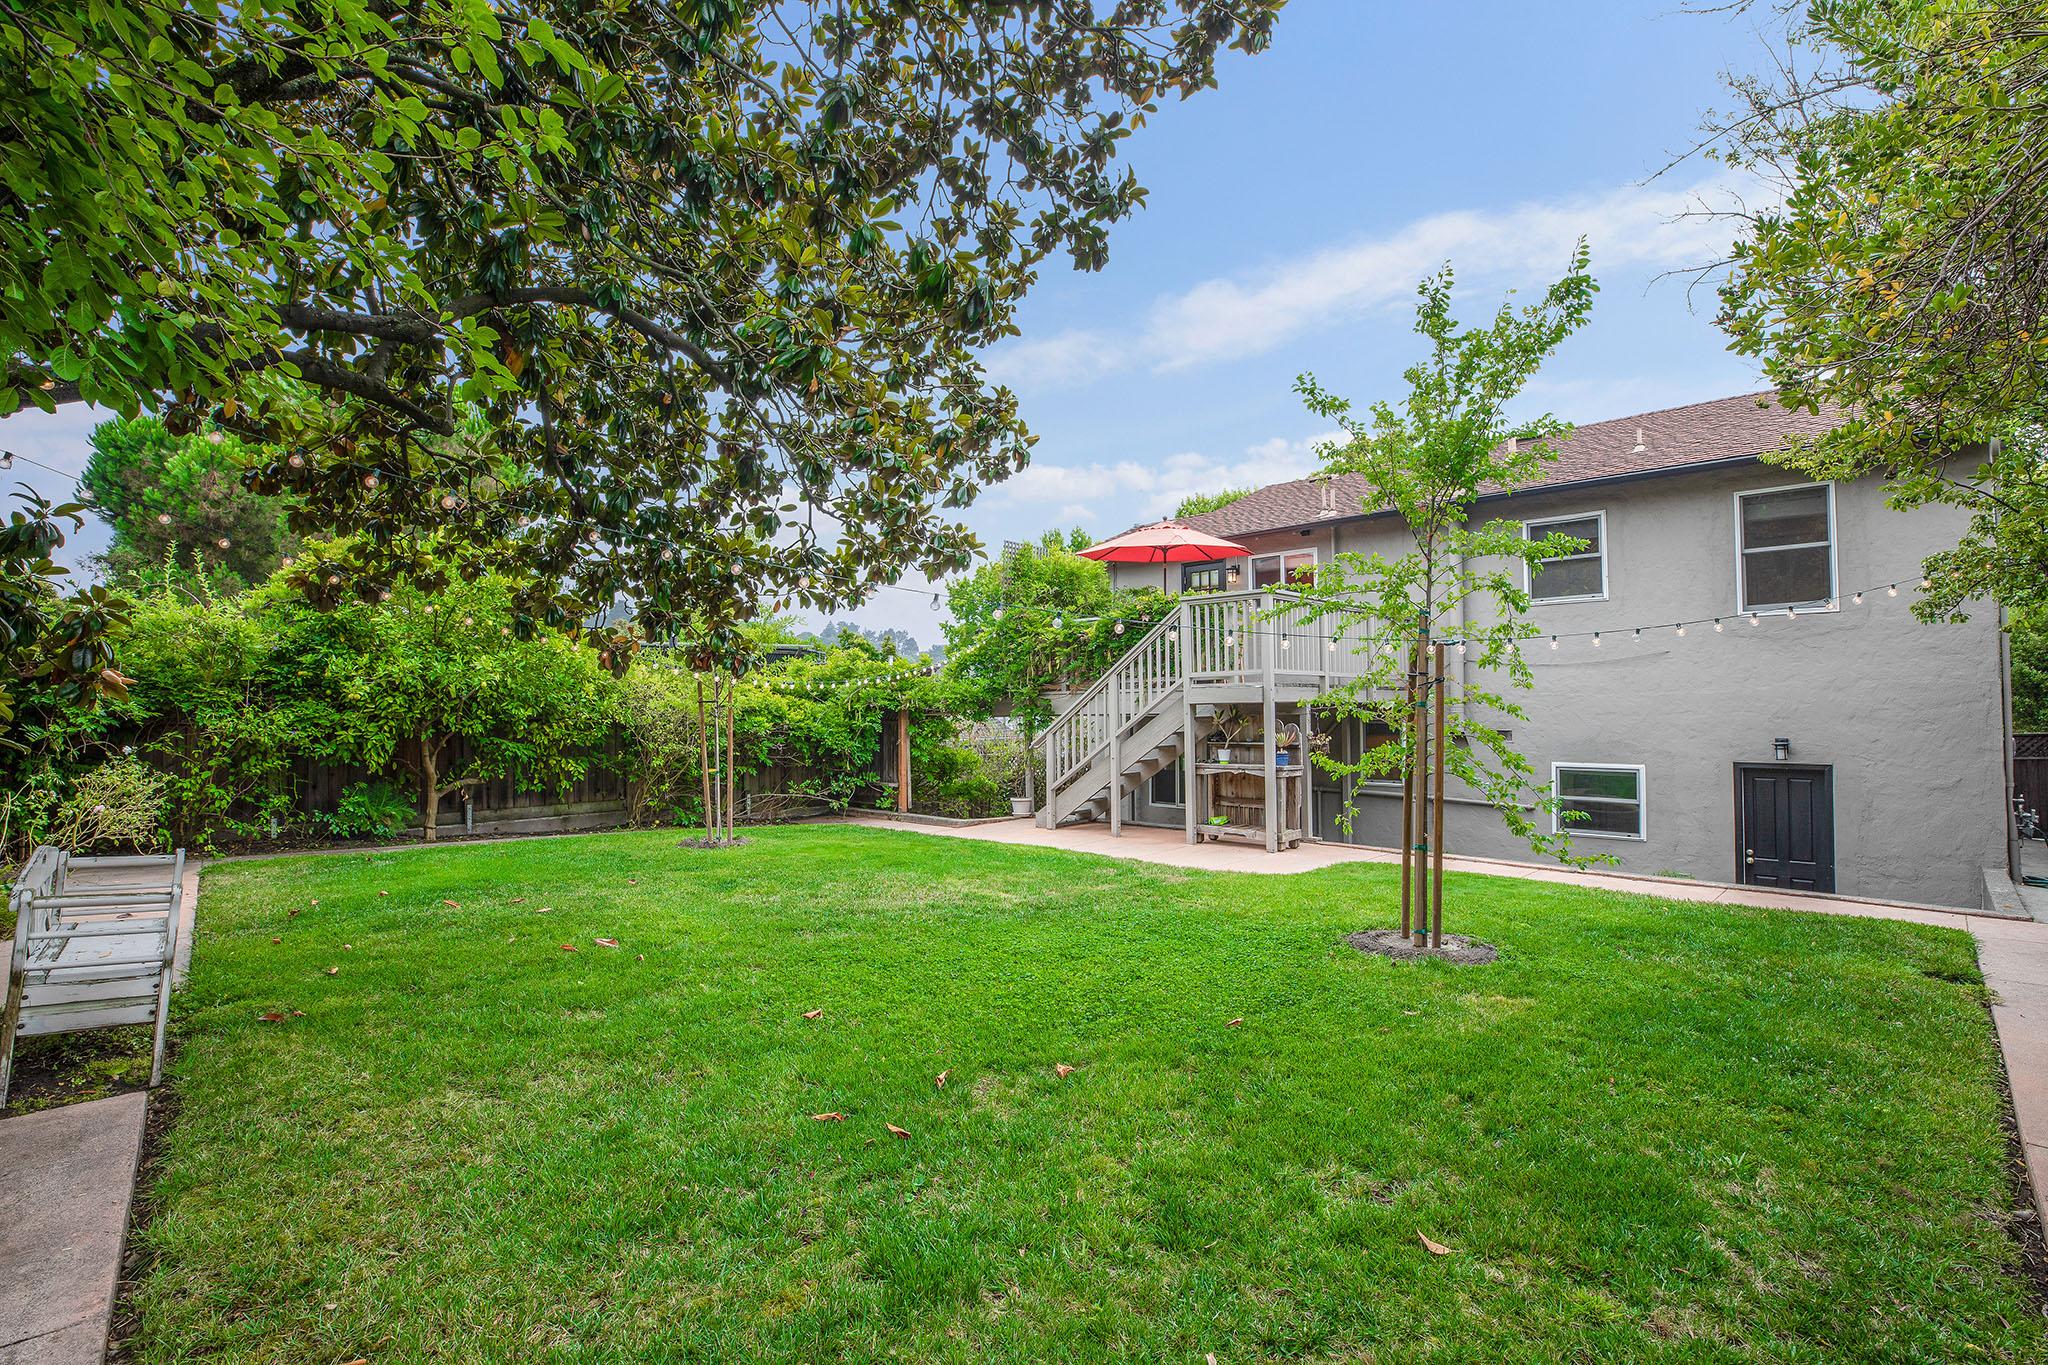 Backyard lawn - 1.jpg